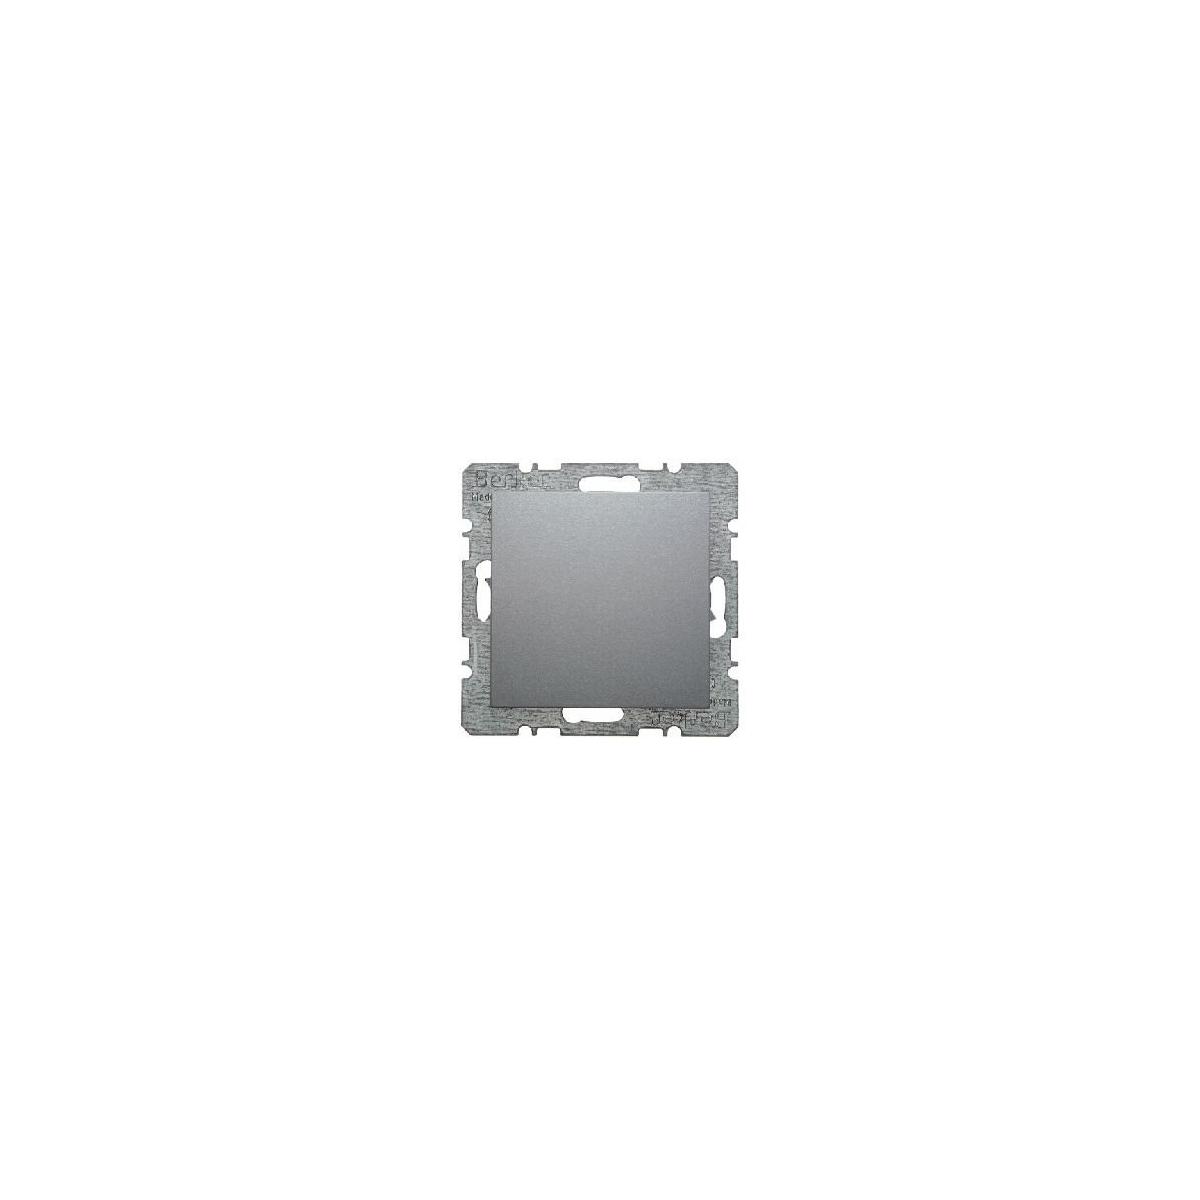 Wyłącznik krzyżowy Berker B.1/B.3/B.7 aluminium mat (3037+16201404)